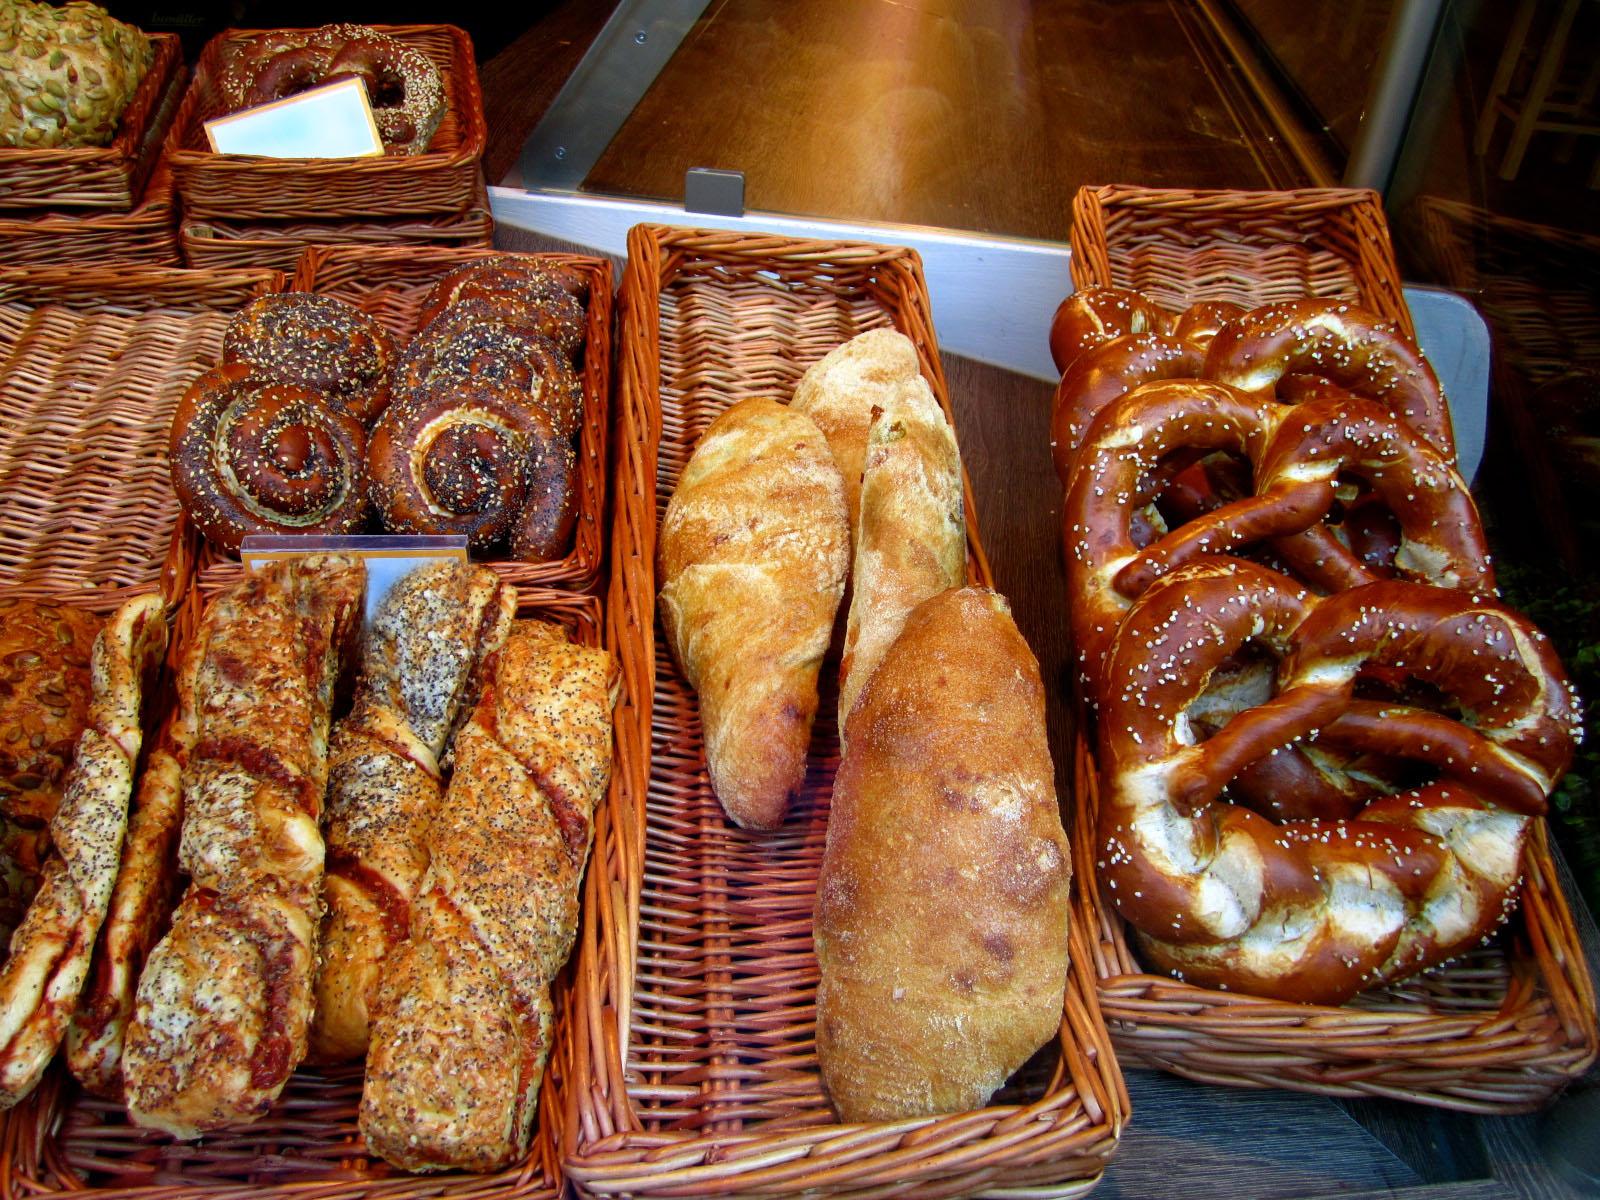 Best Ever German Street Food Food 4 Your Mood